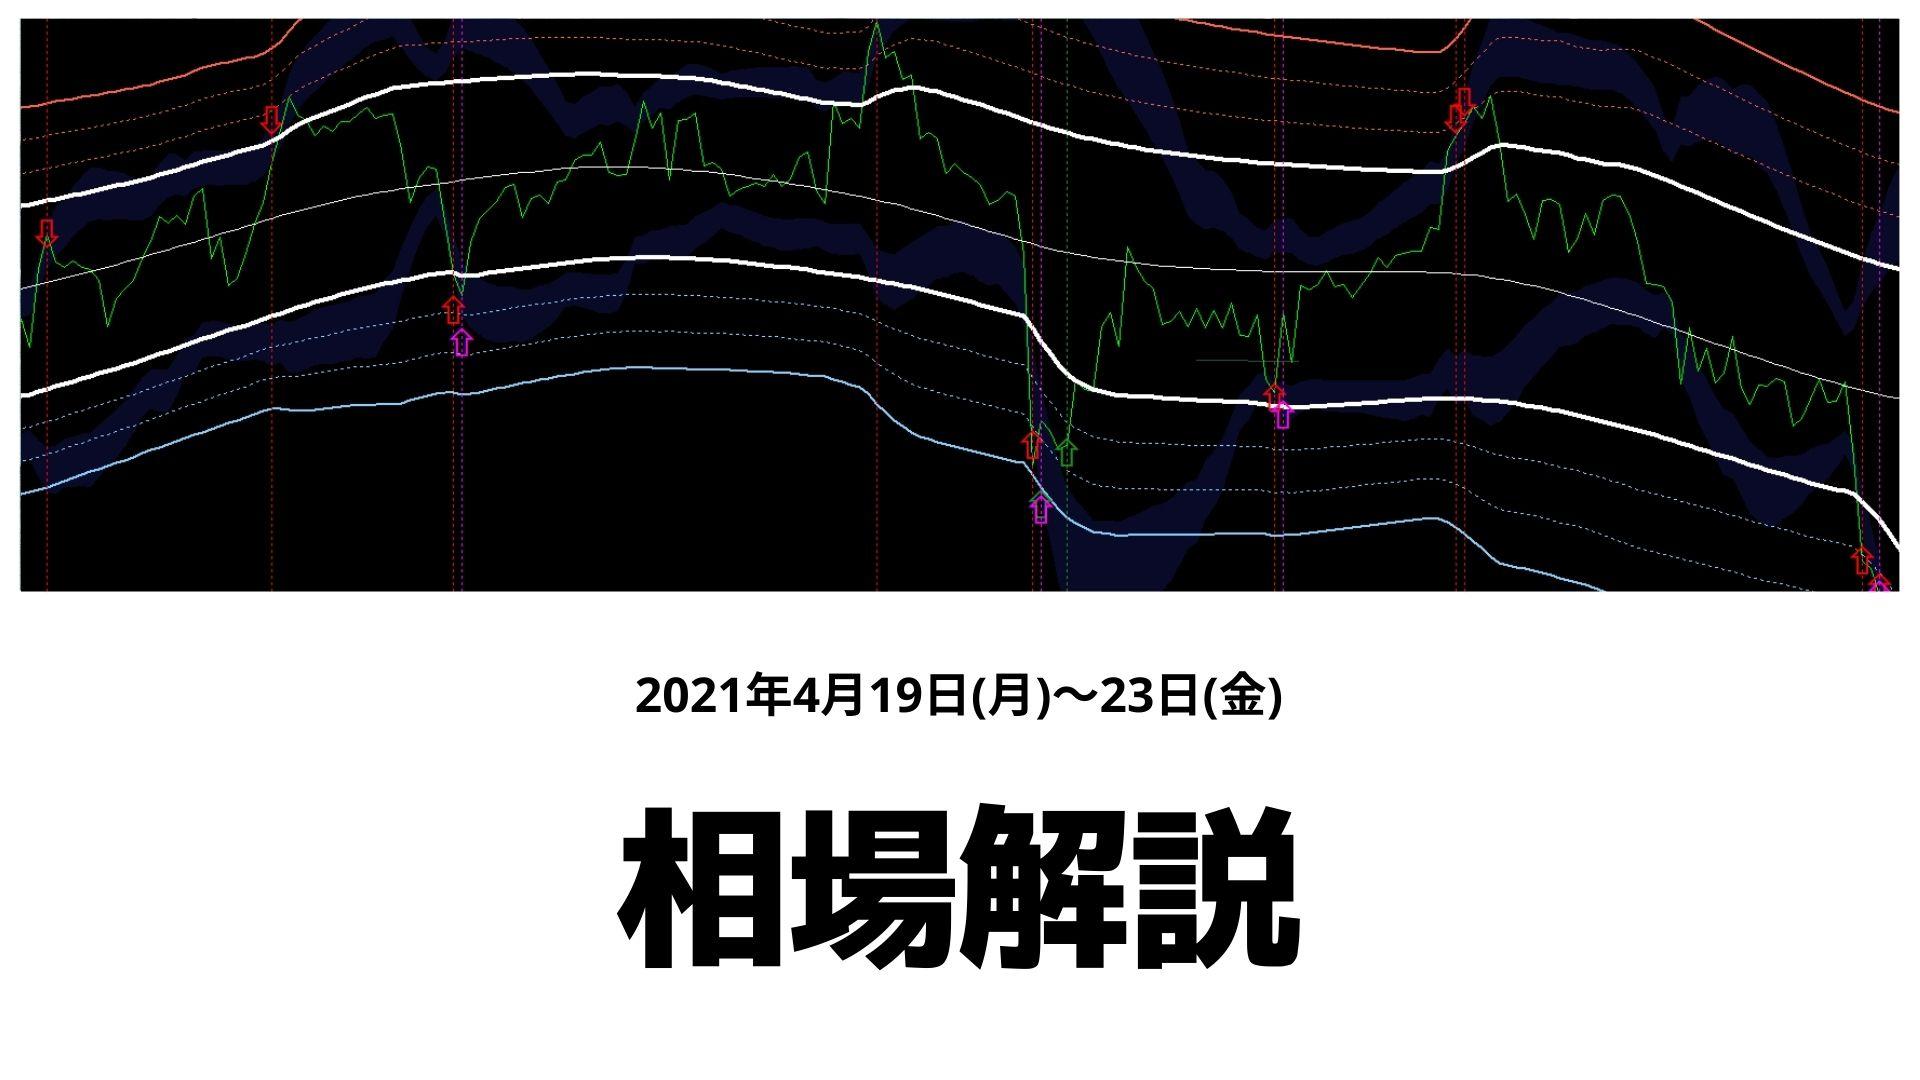 【相場解説】4/19(月)~23(金)